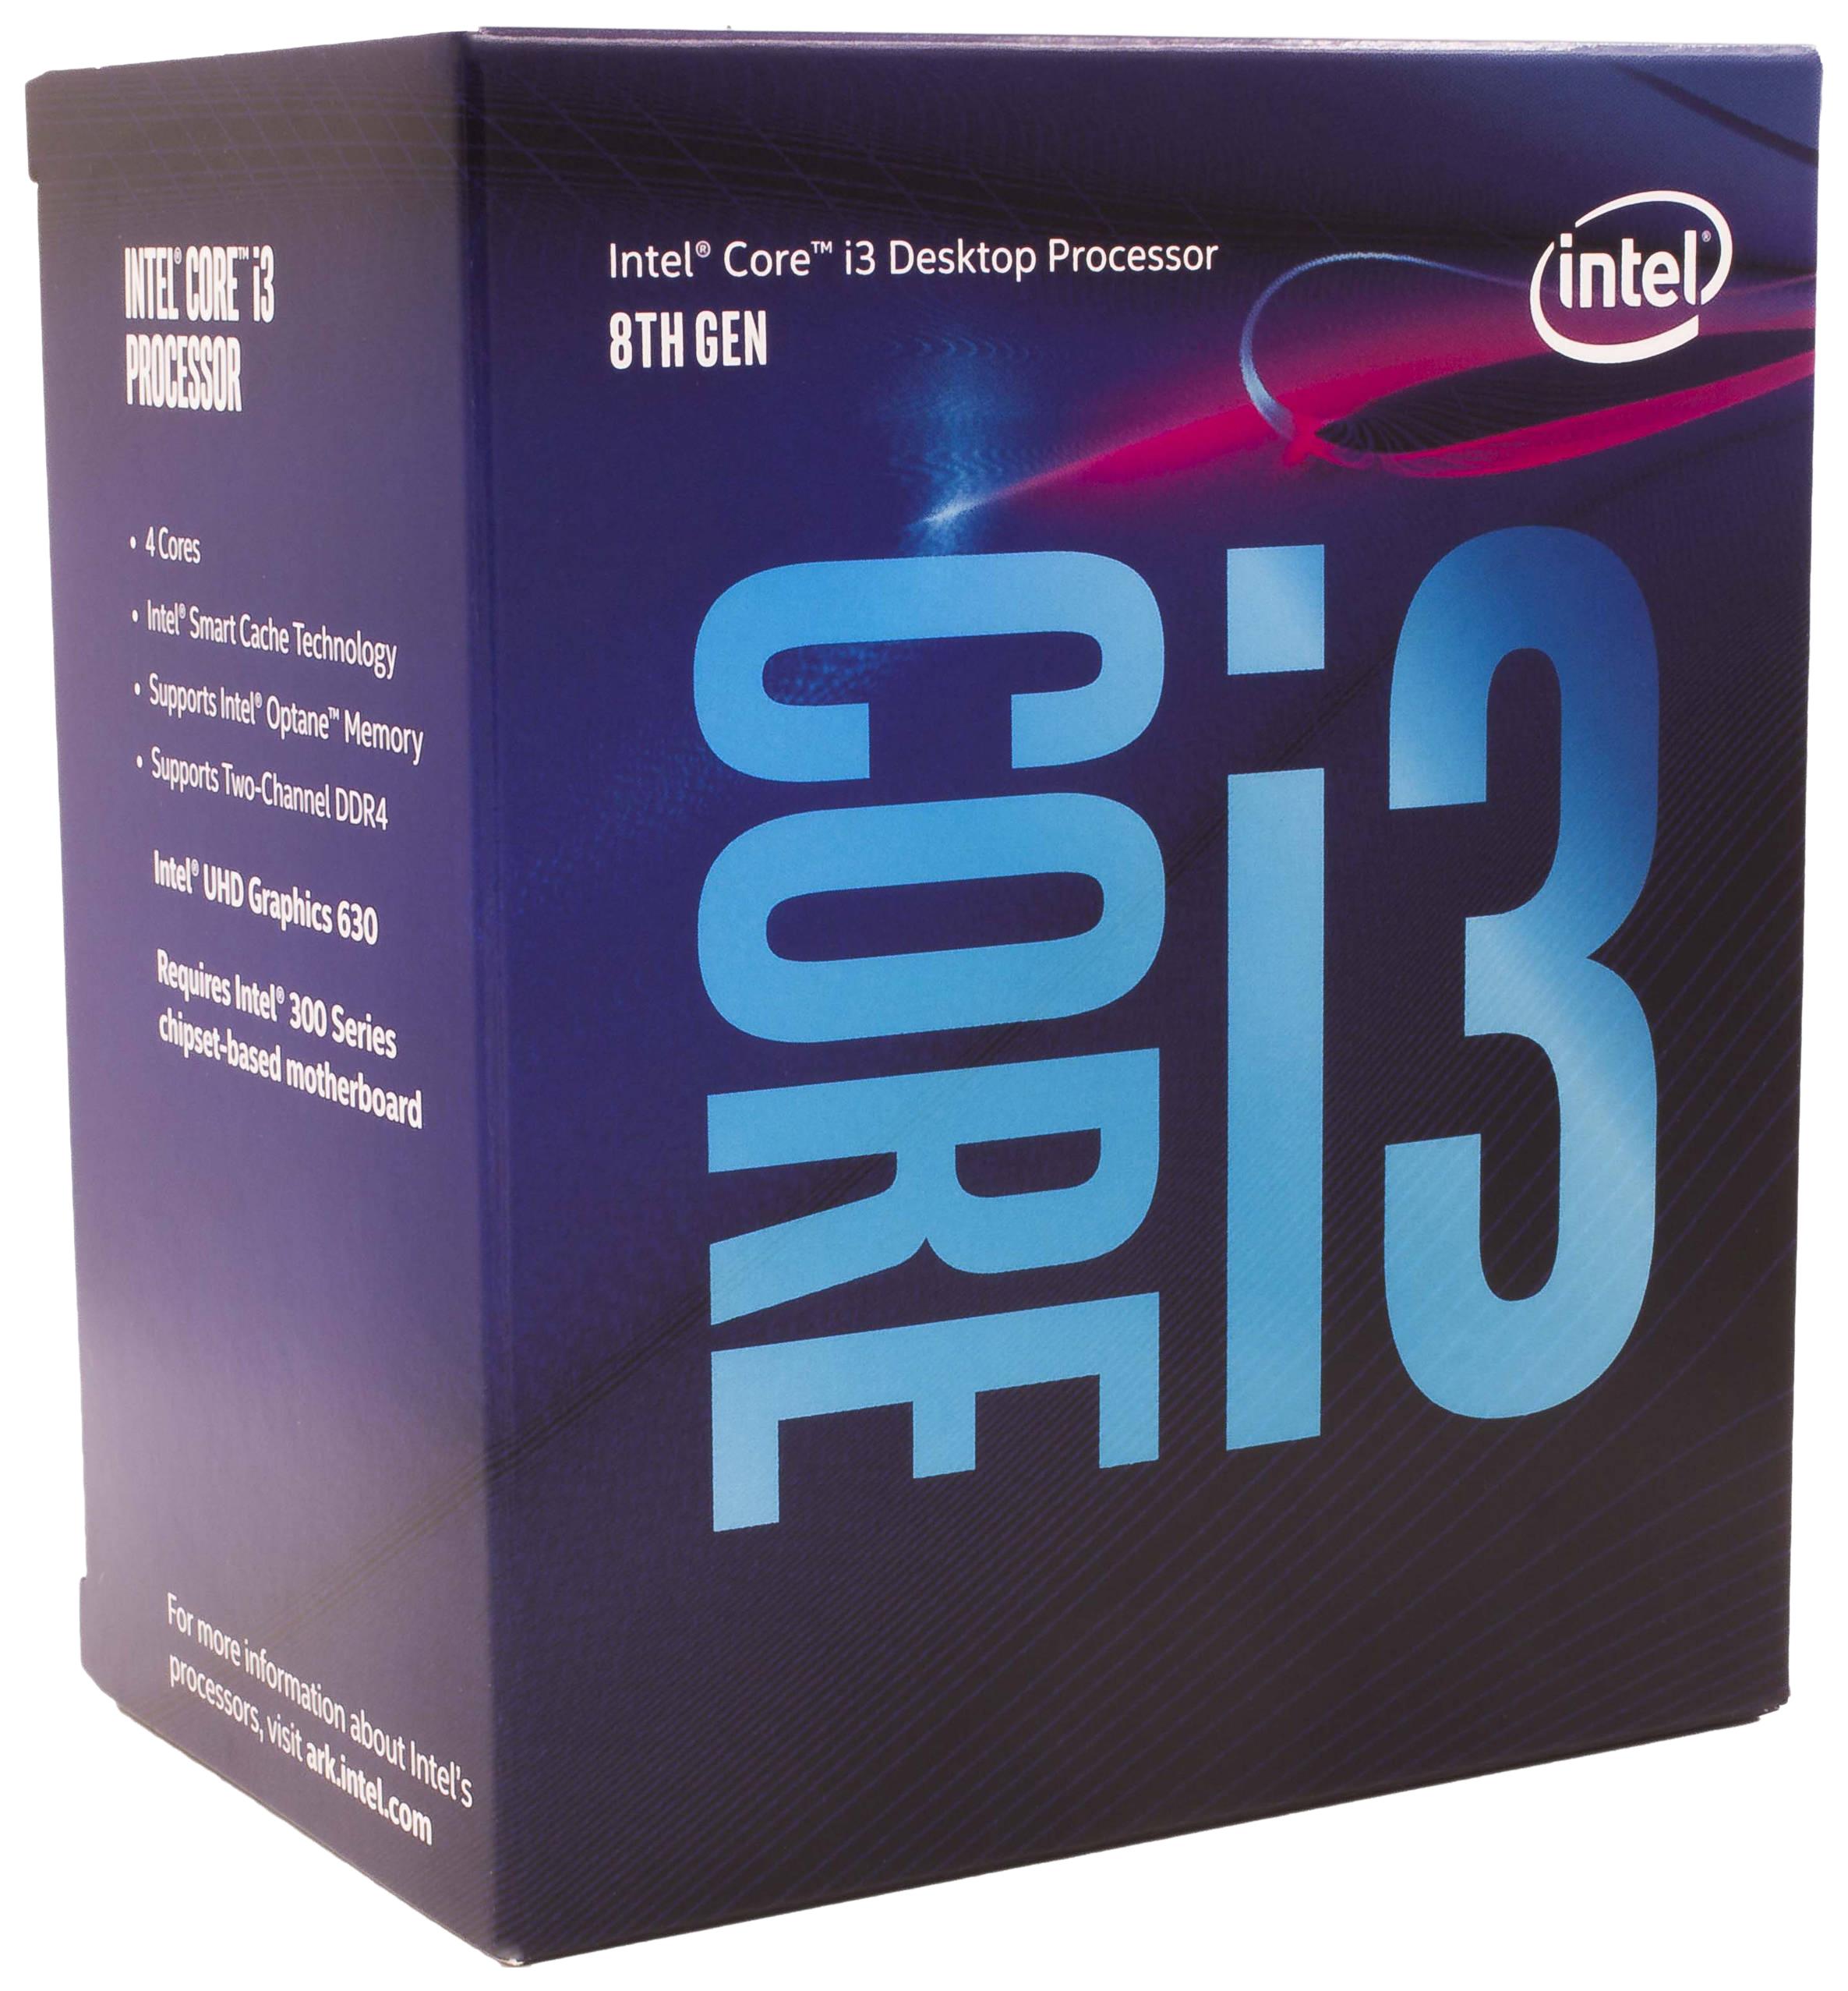 Процессор Intel Core i3 8300 Box, Core i3-8300 3.7 GHz (BX80684I38300)  - купить со скидкой